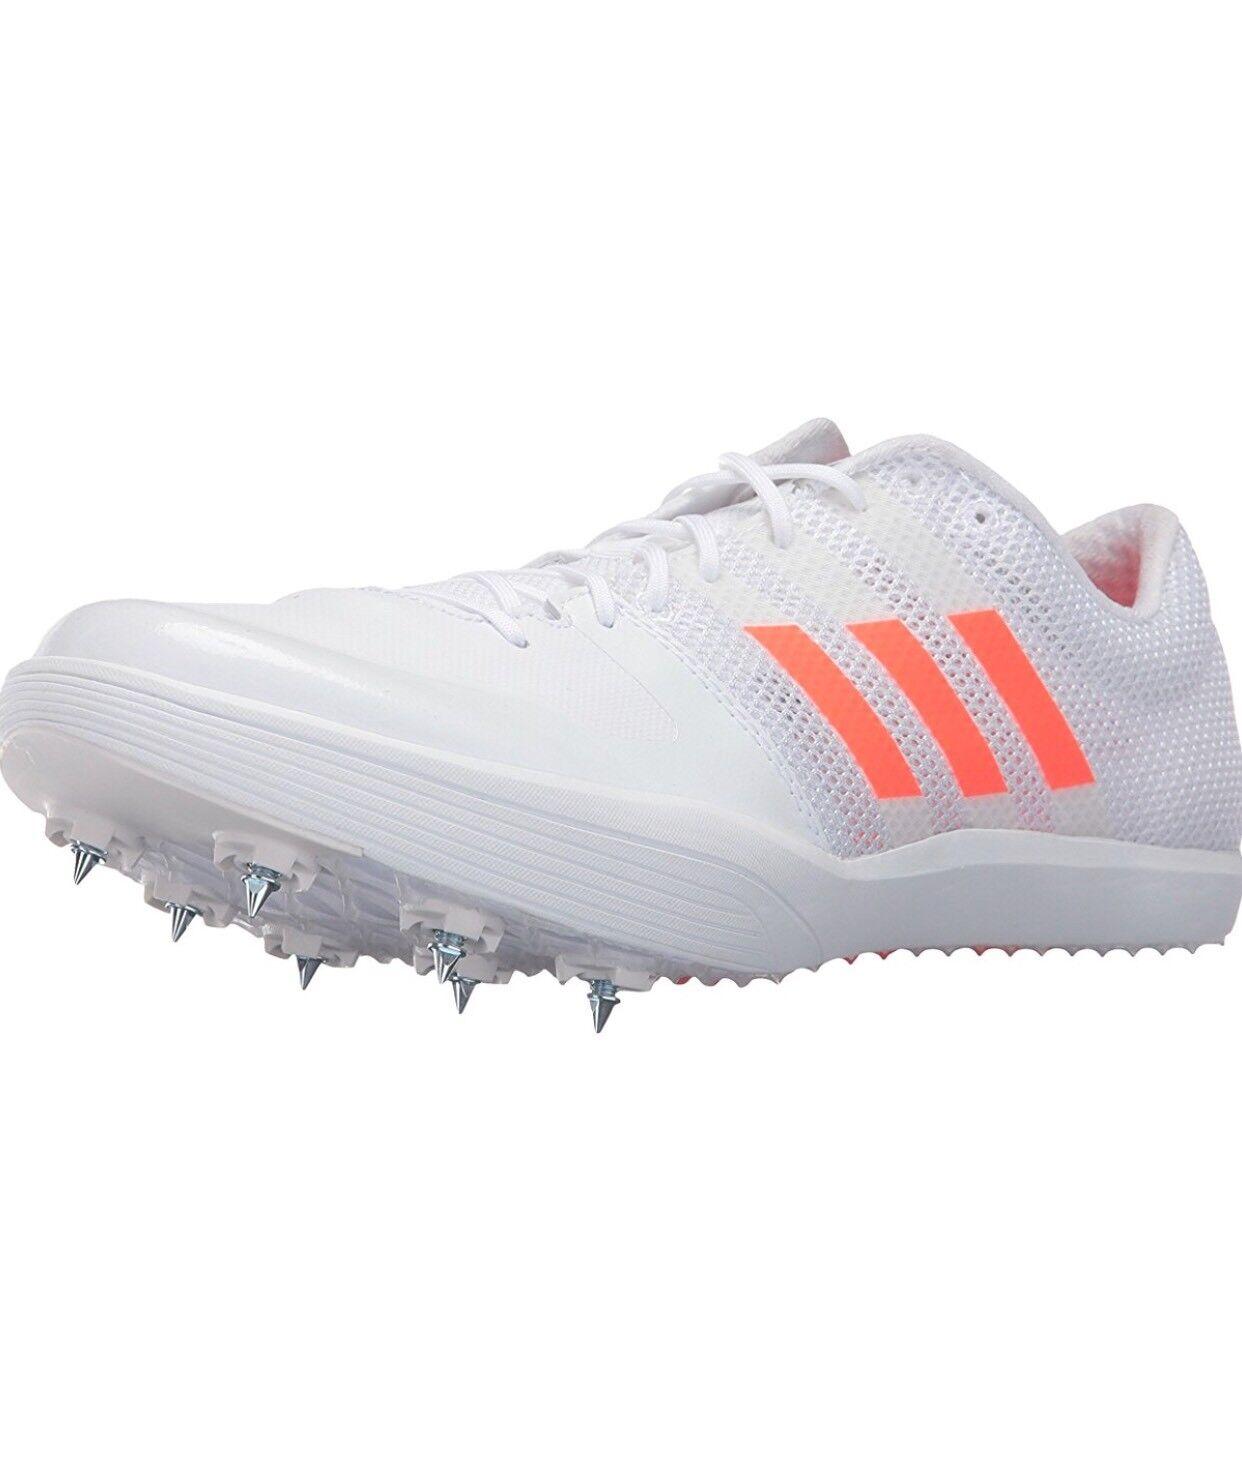 Adidas adizero weiß - laufschuhe orange weitsprung laufschuhe - bb4100 1cd92c